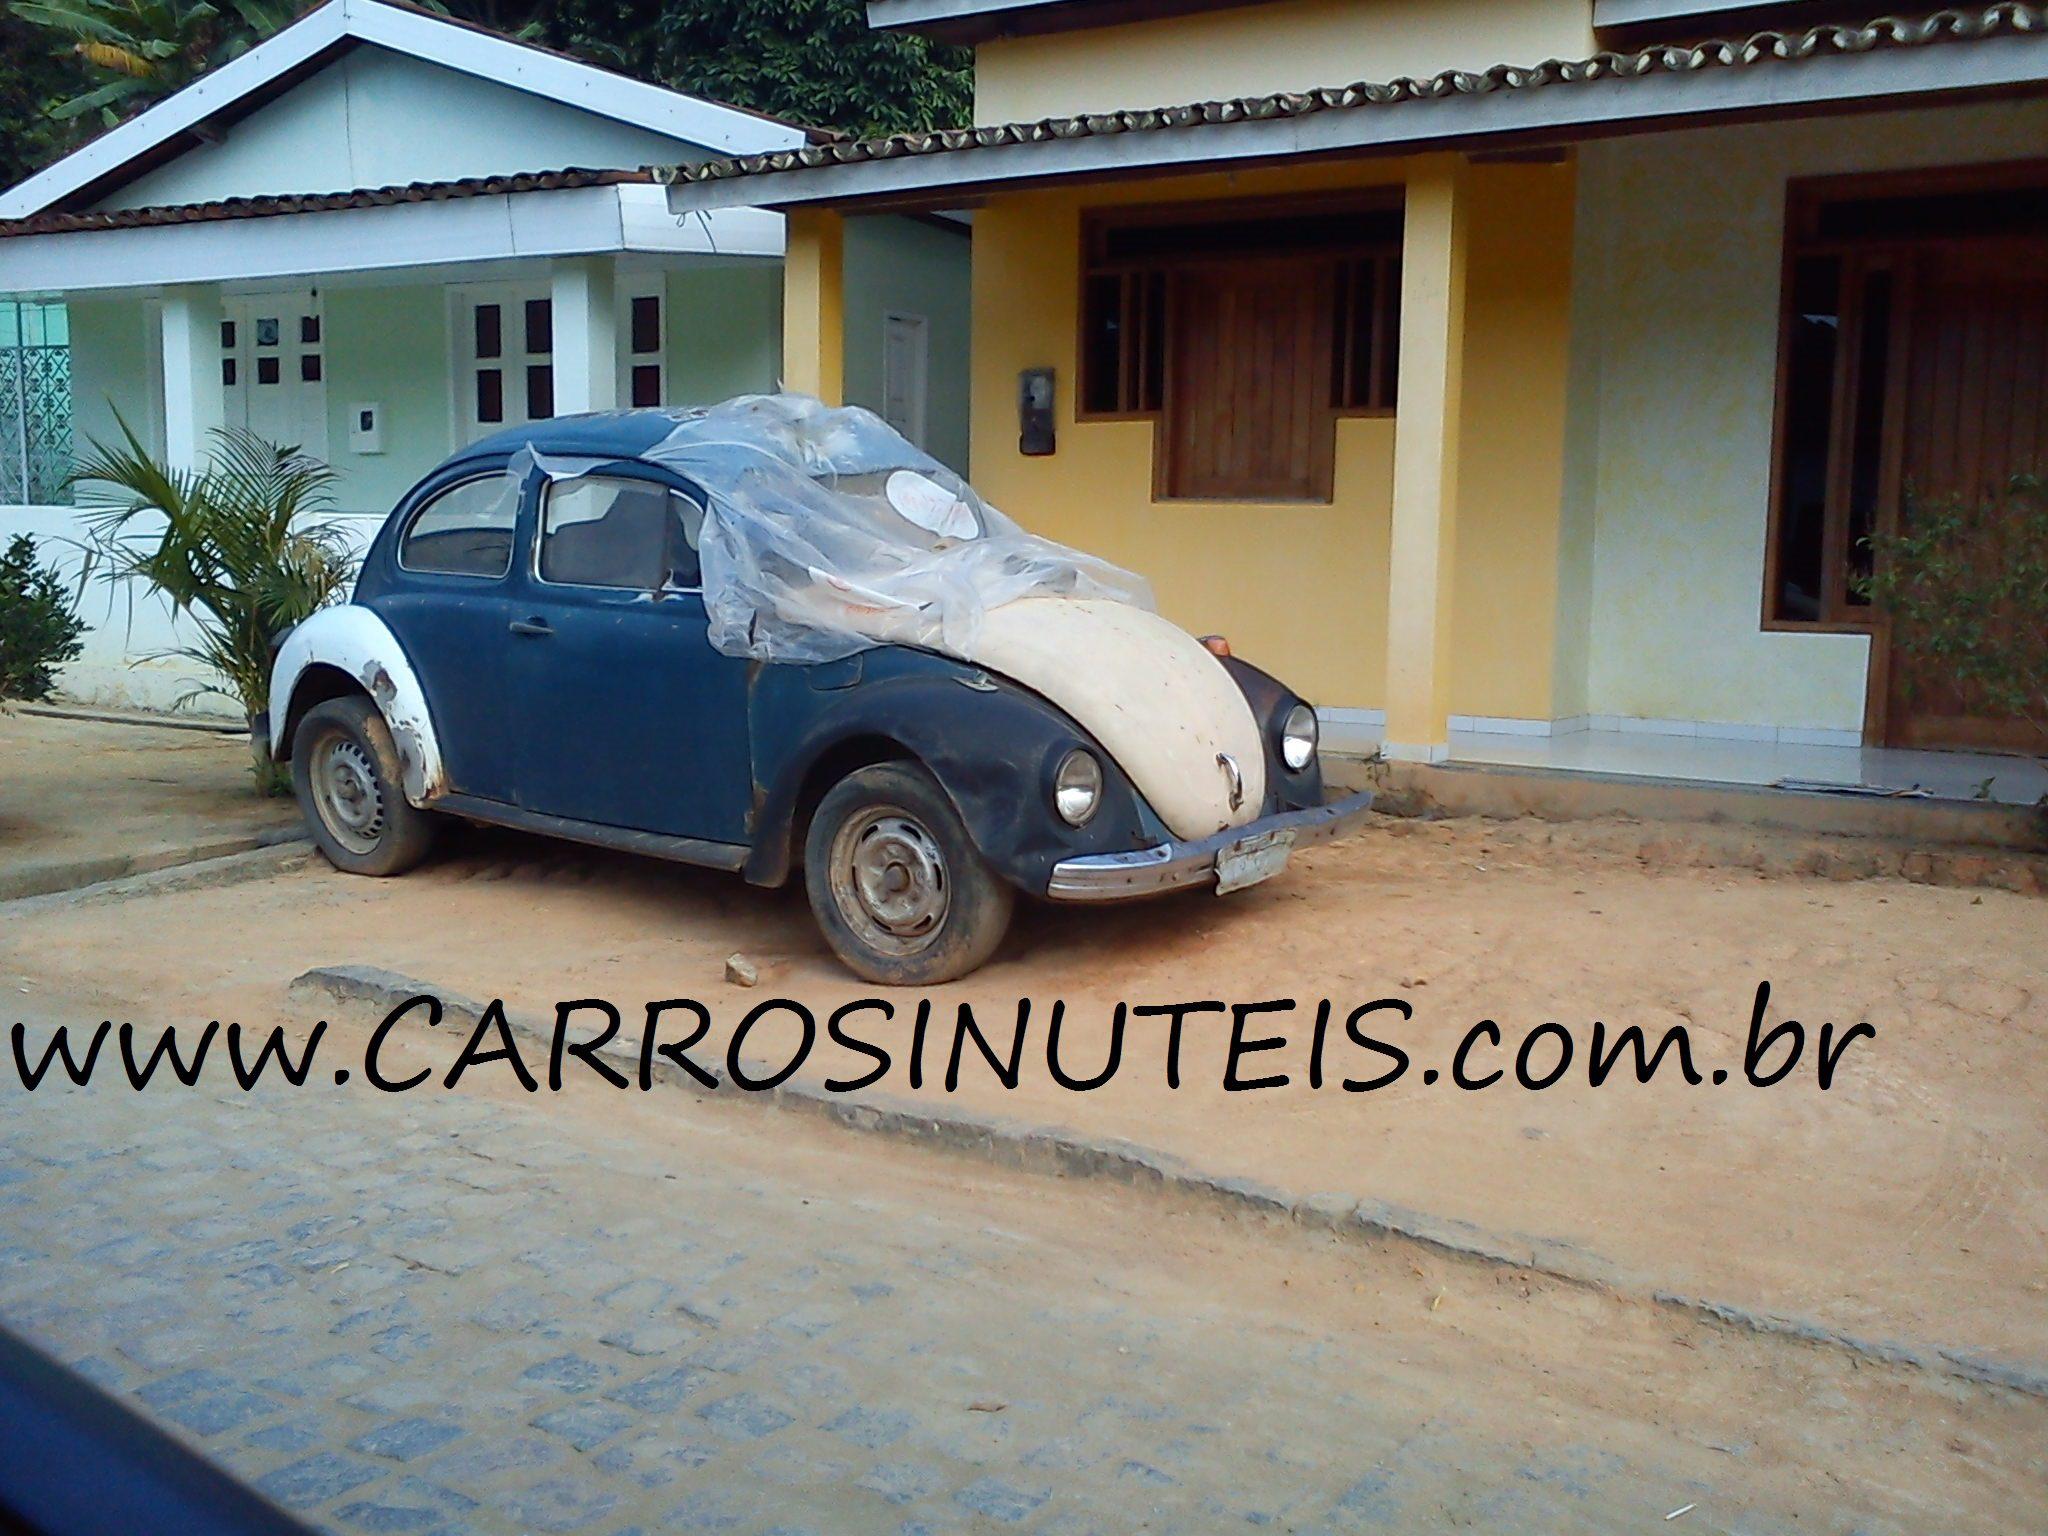 Junin-vw-fusca-jiquiri�a-bahia VW Fusca, Jiquiriçá, Bahia. Foto de Junin.